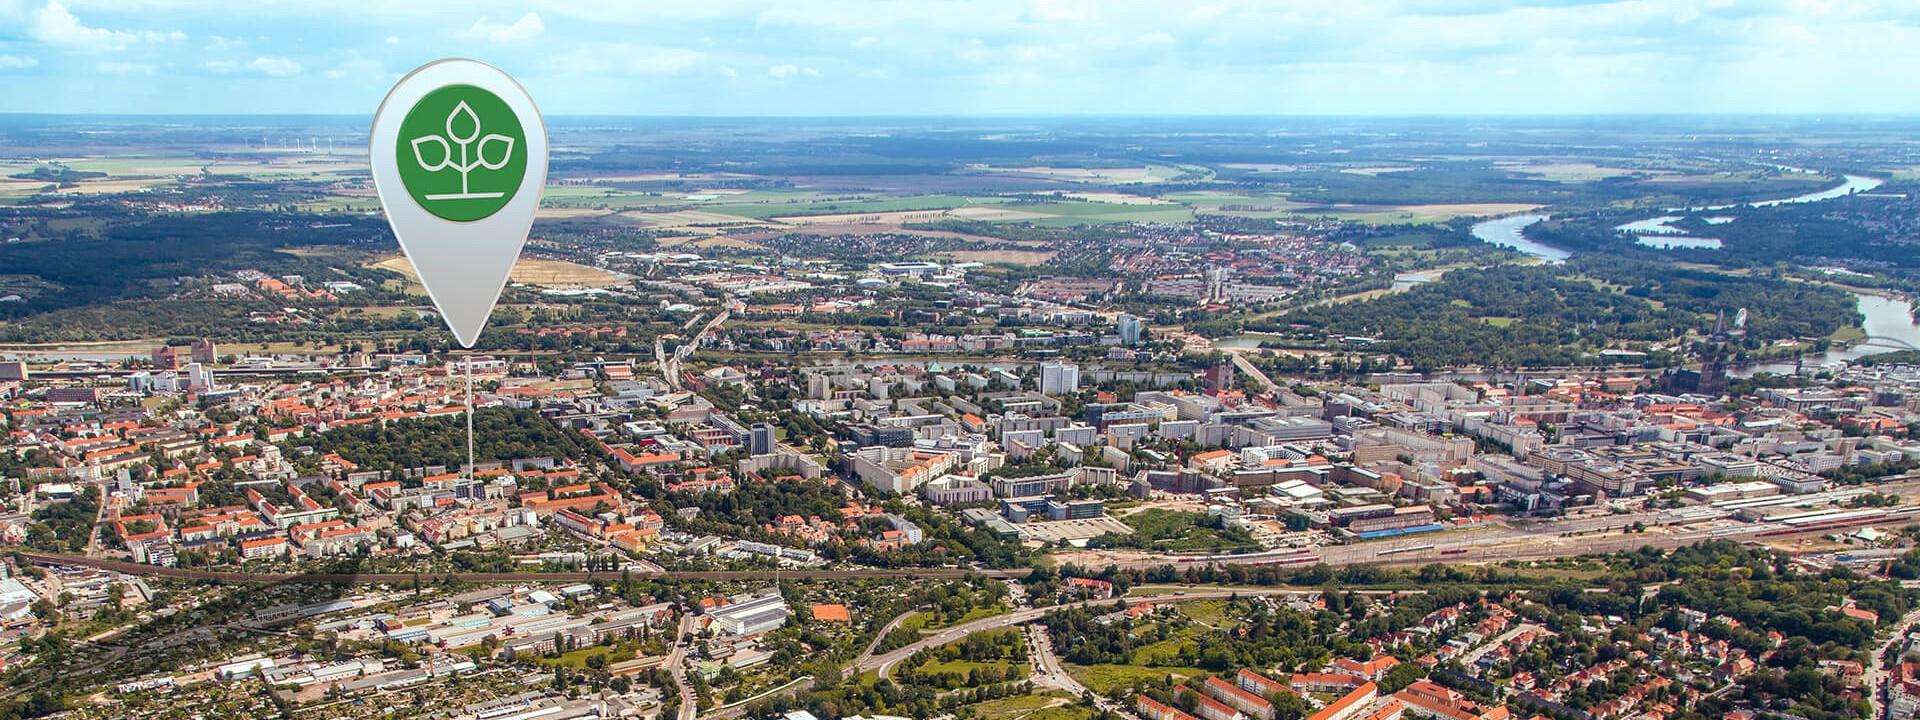 Luftbild von Magdeburg, auf dem das Kundencenter markiert ist